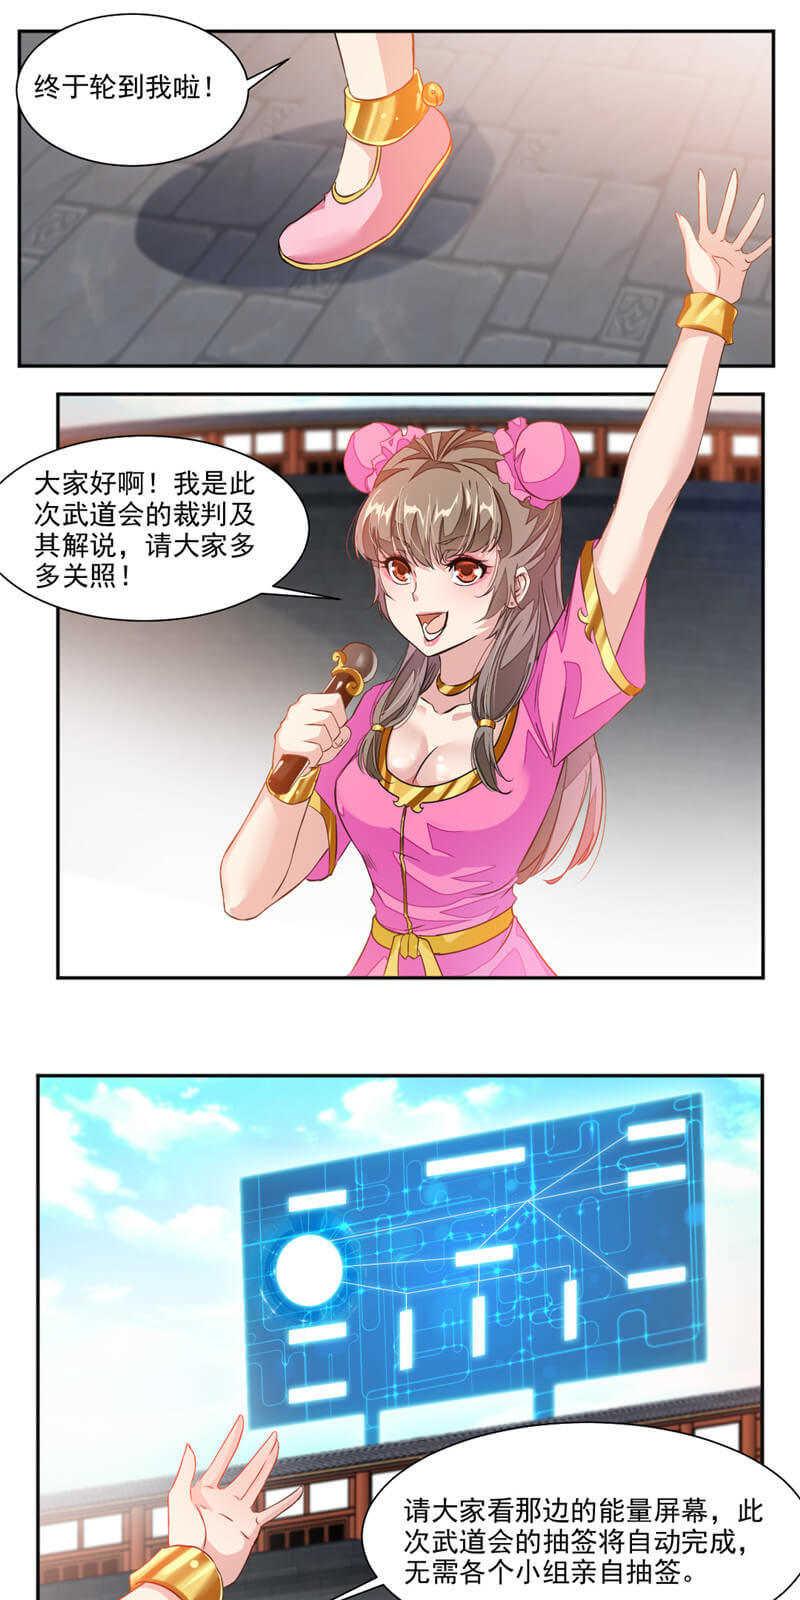 九阳神王第42话  潜龙武道大会 第 8